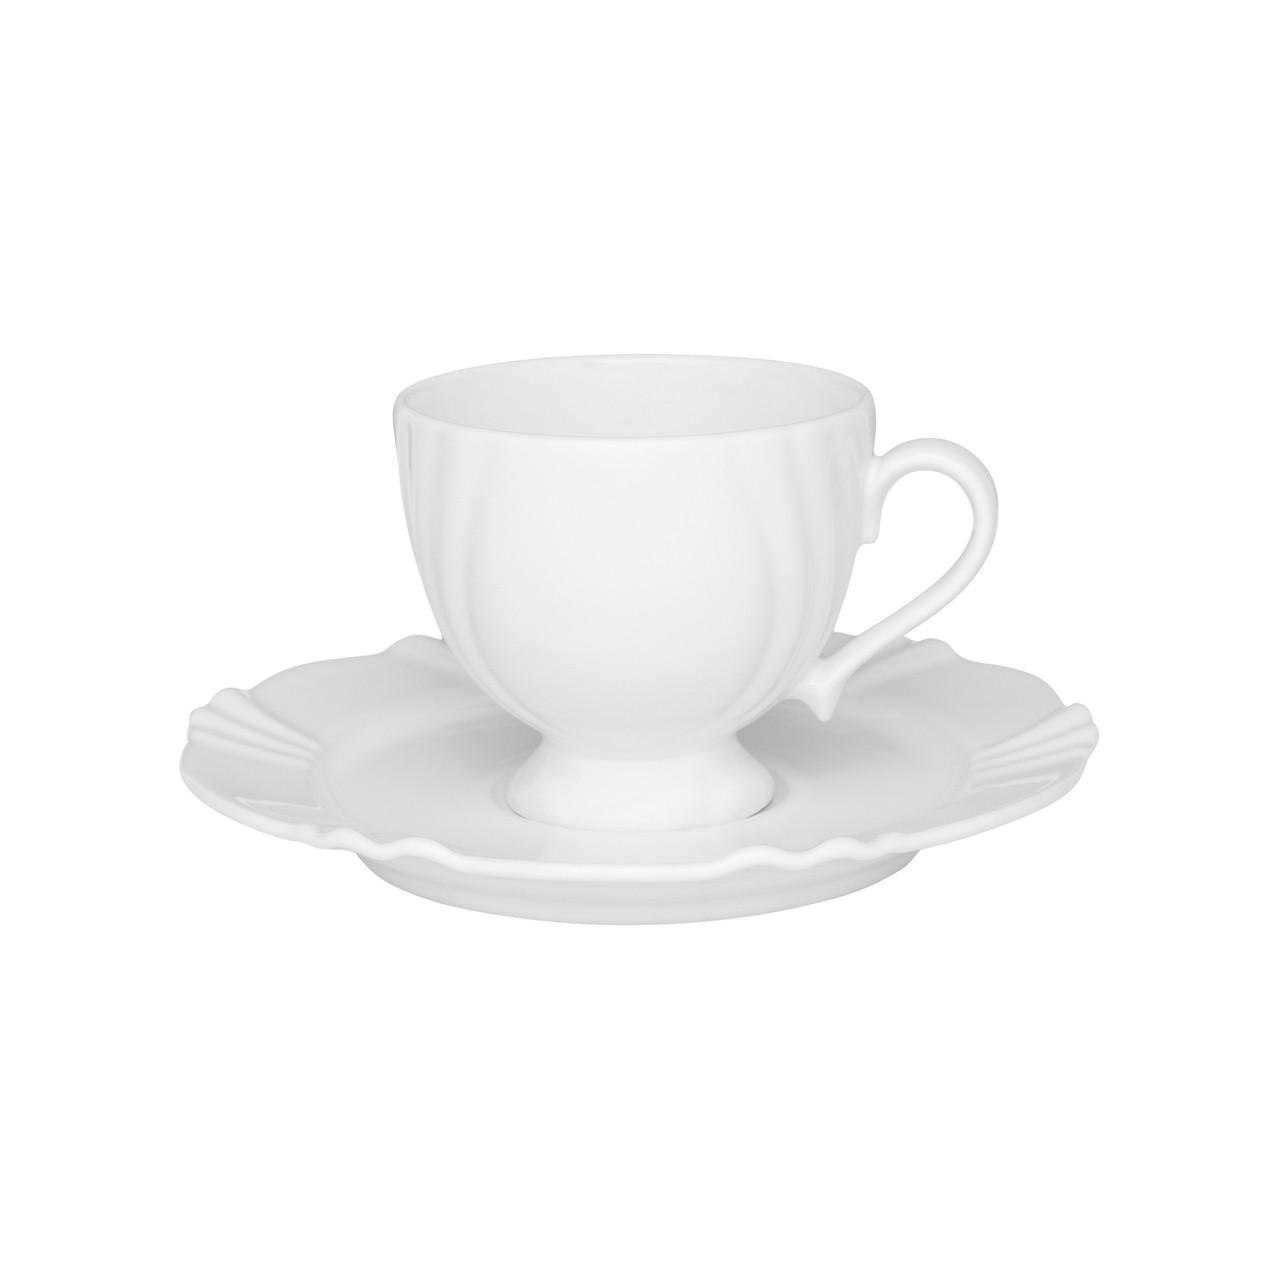 Conjunto de Xícara de Chá com Pires 06 Peças Soleil White Oxford